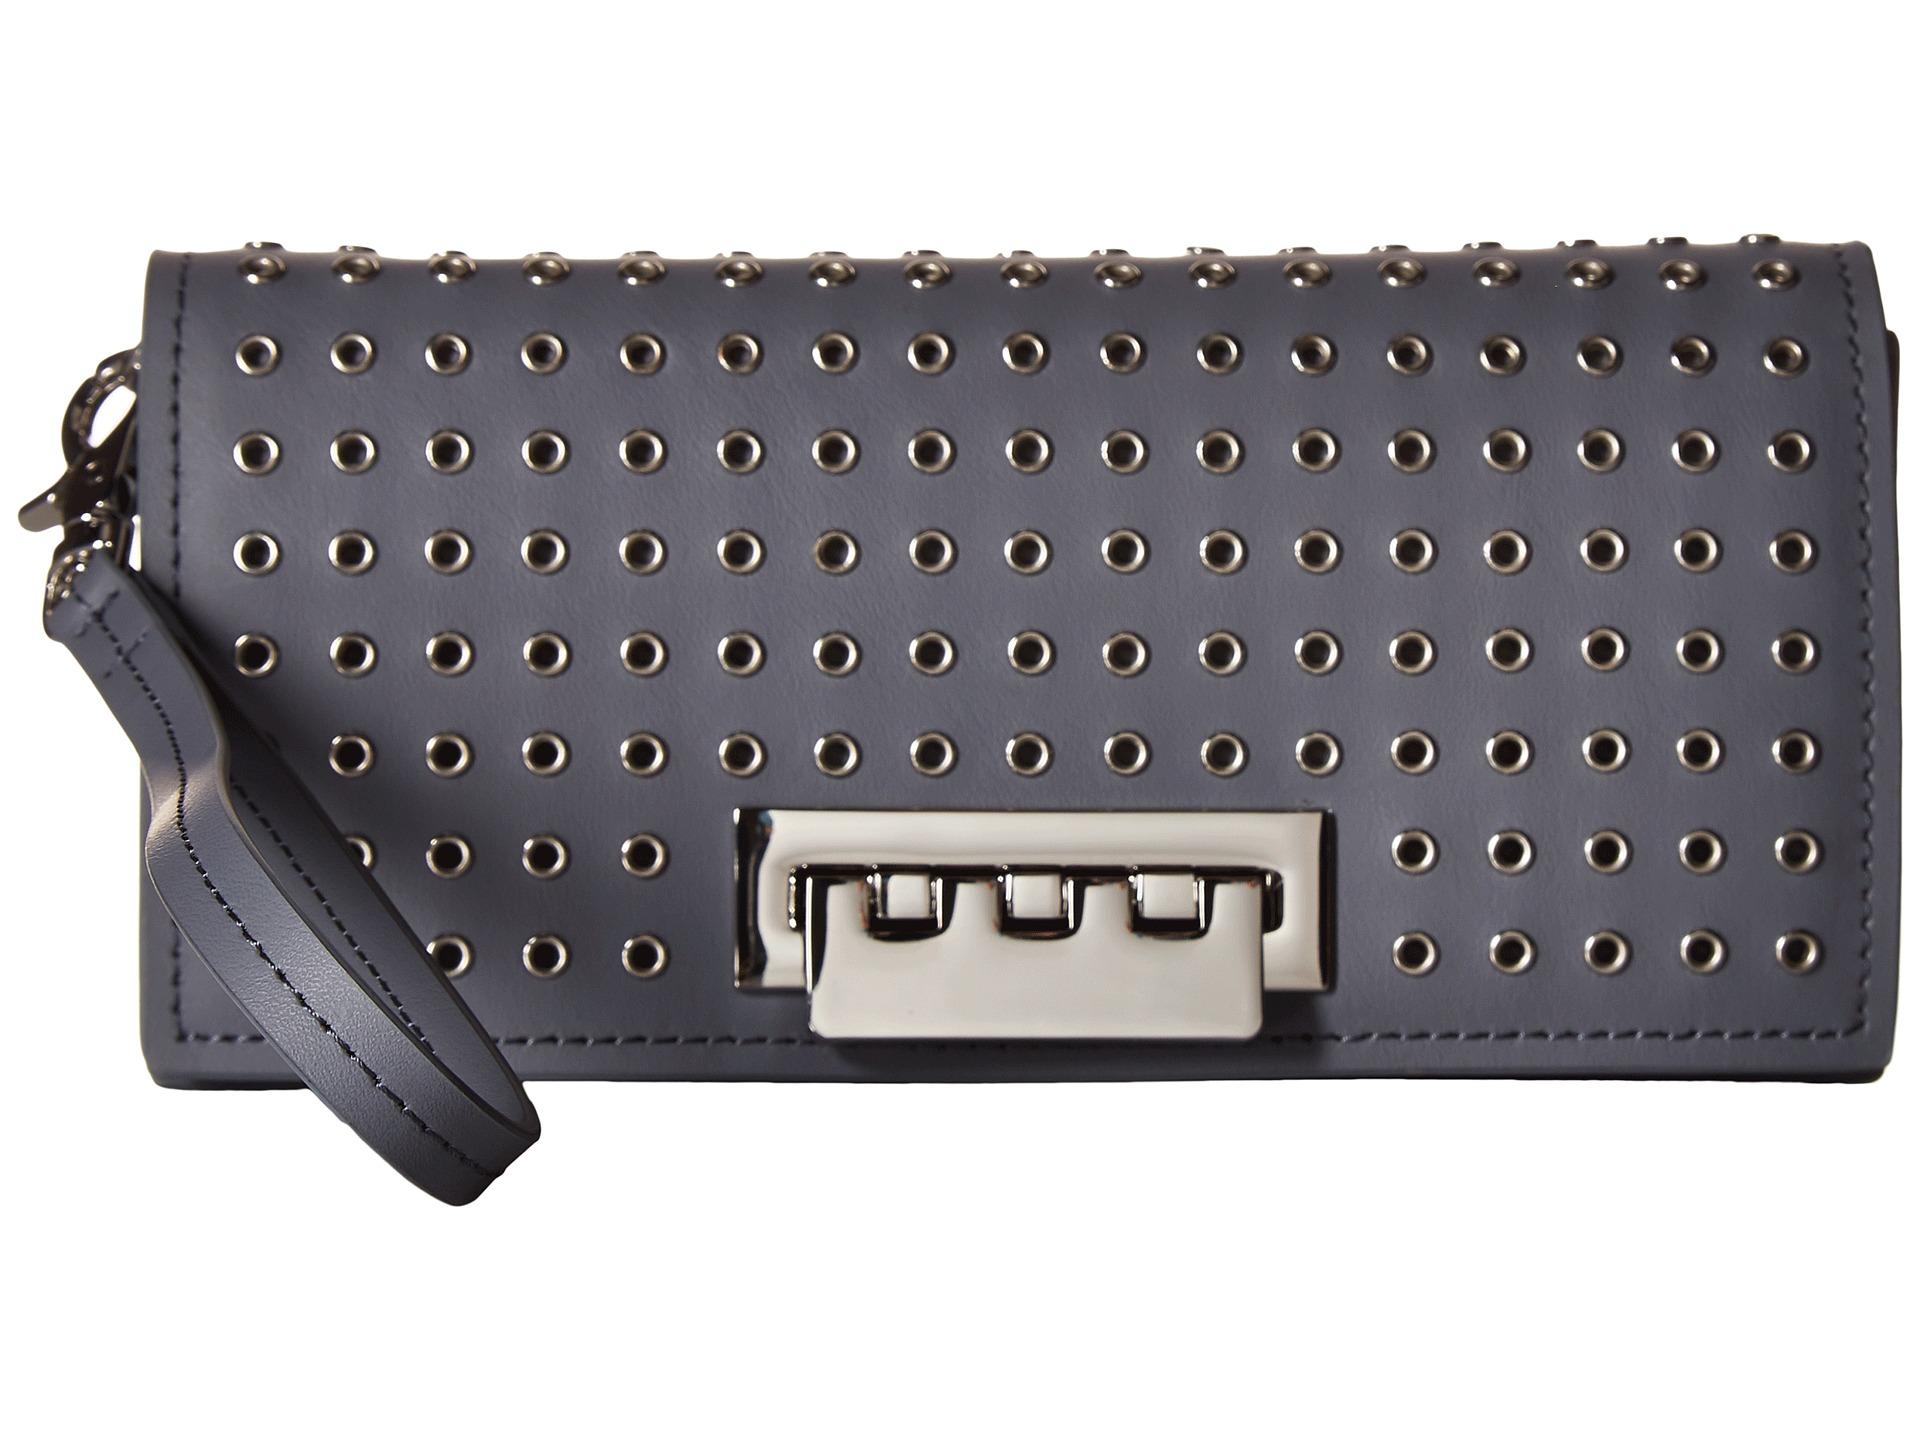 ZAC Zac Posen Earthette Wristlet Wallet at 6pm.com